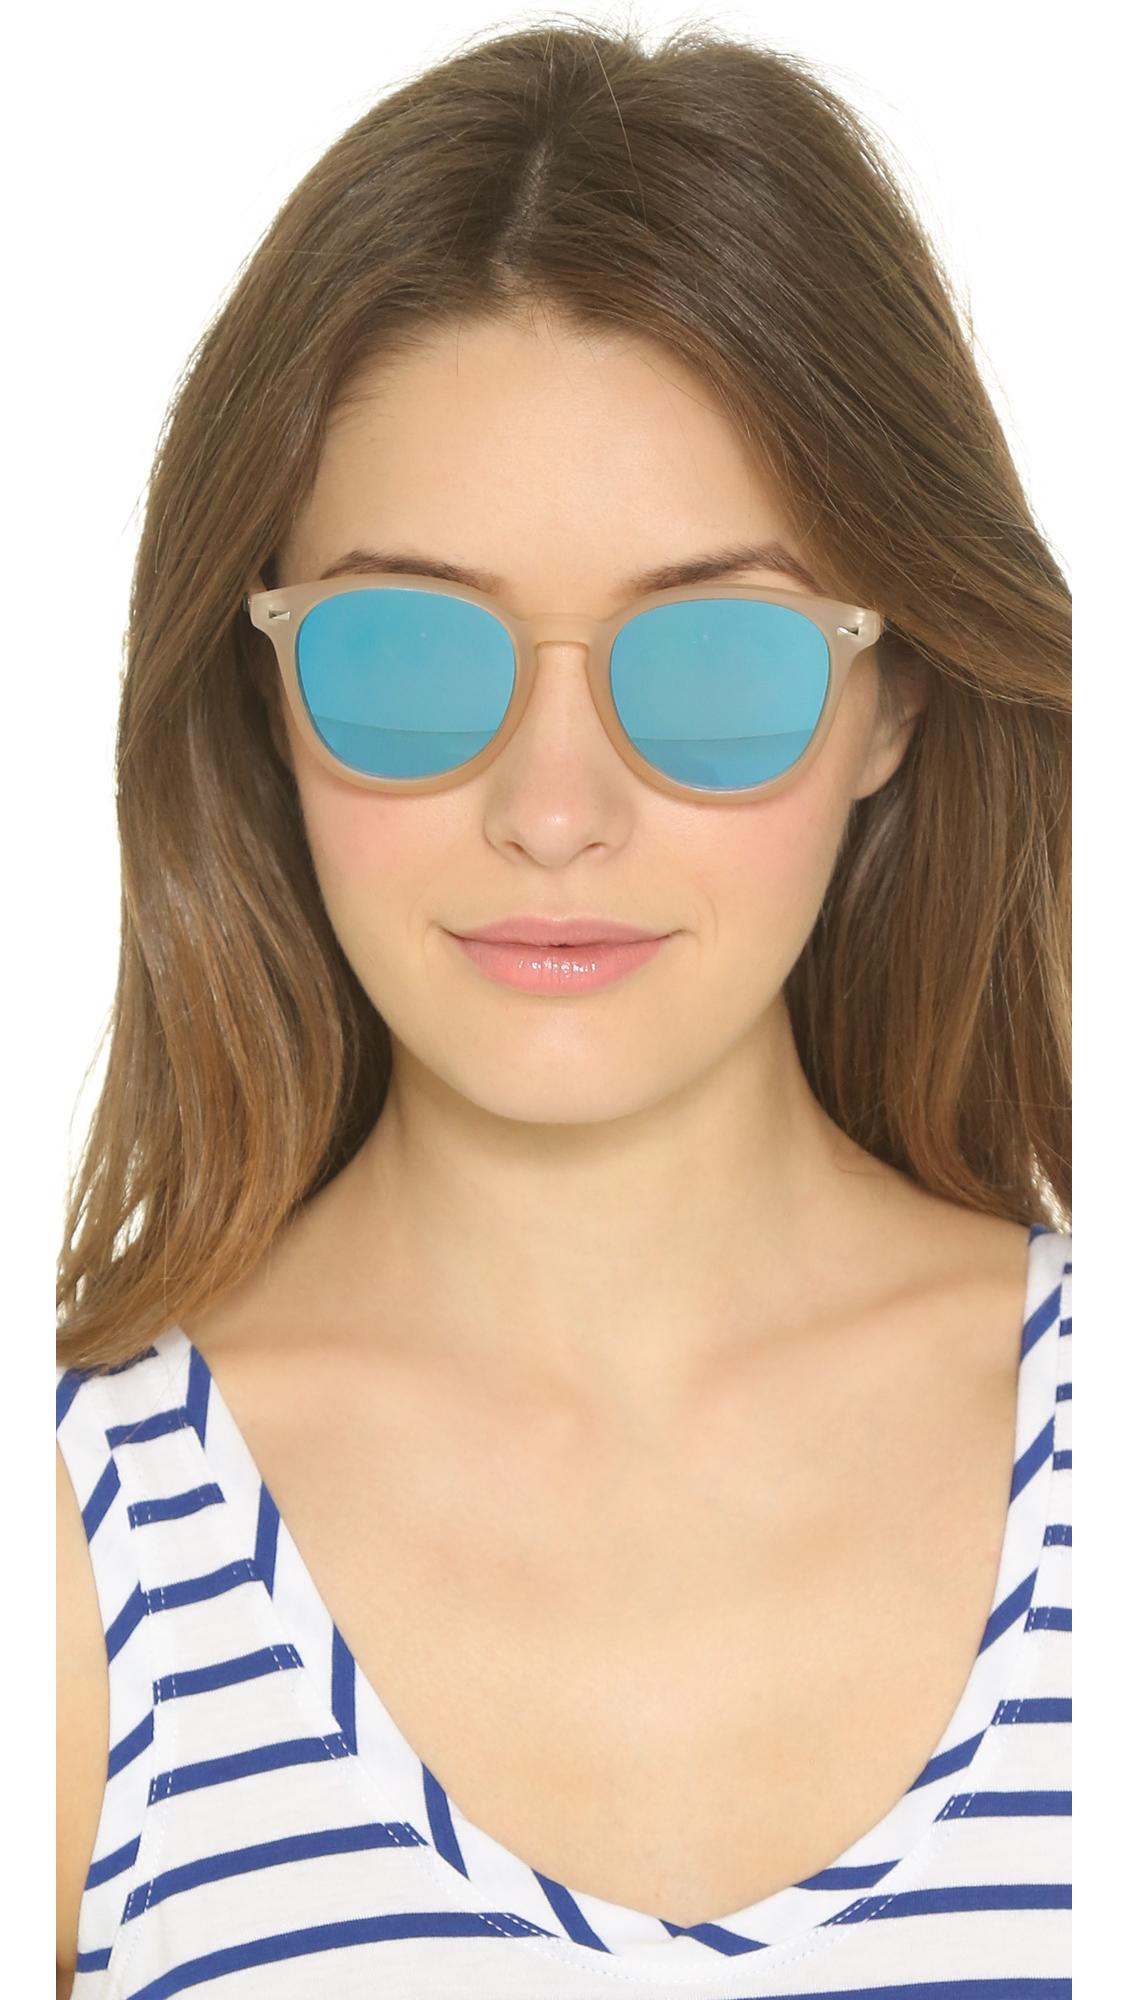 e405181cf4 Le Specs Bandwagon Sunglasses